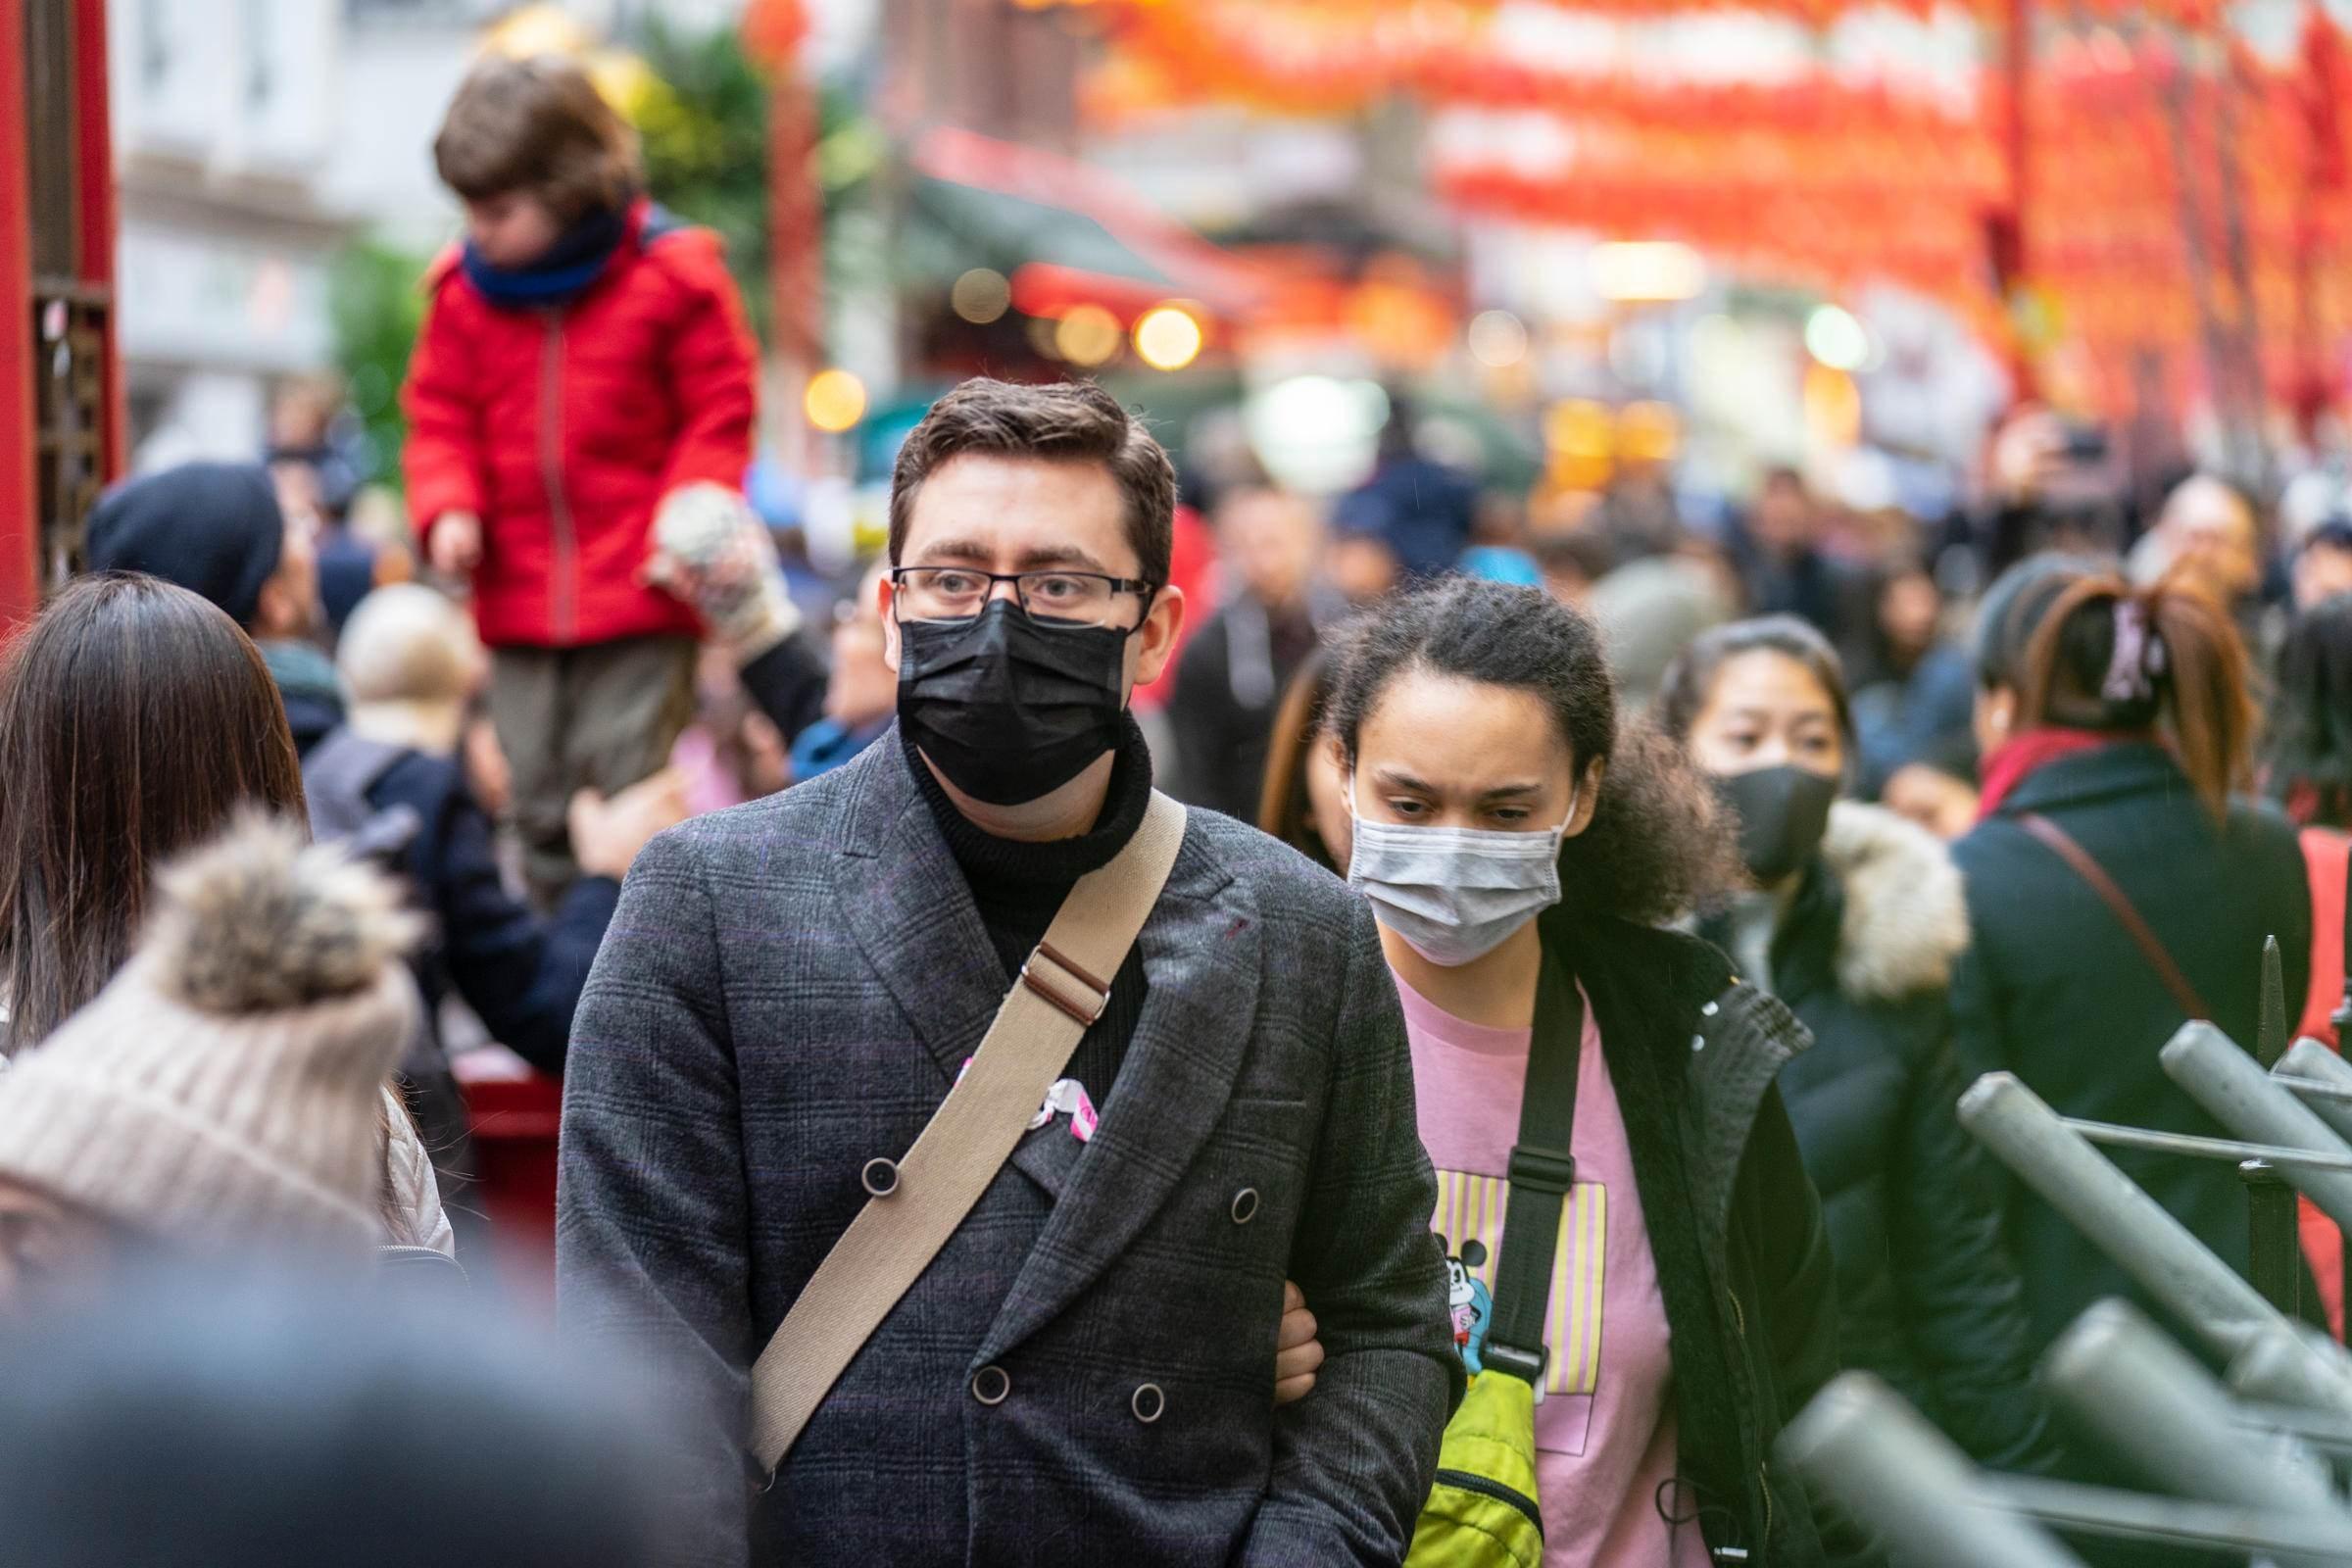 Algunas pistas de cara al futuro post-pandemia